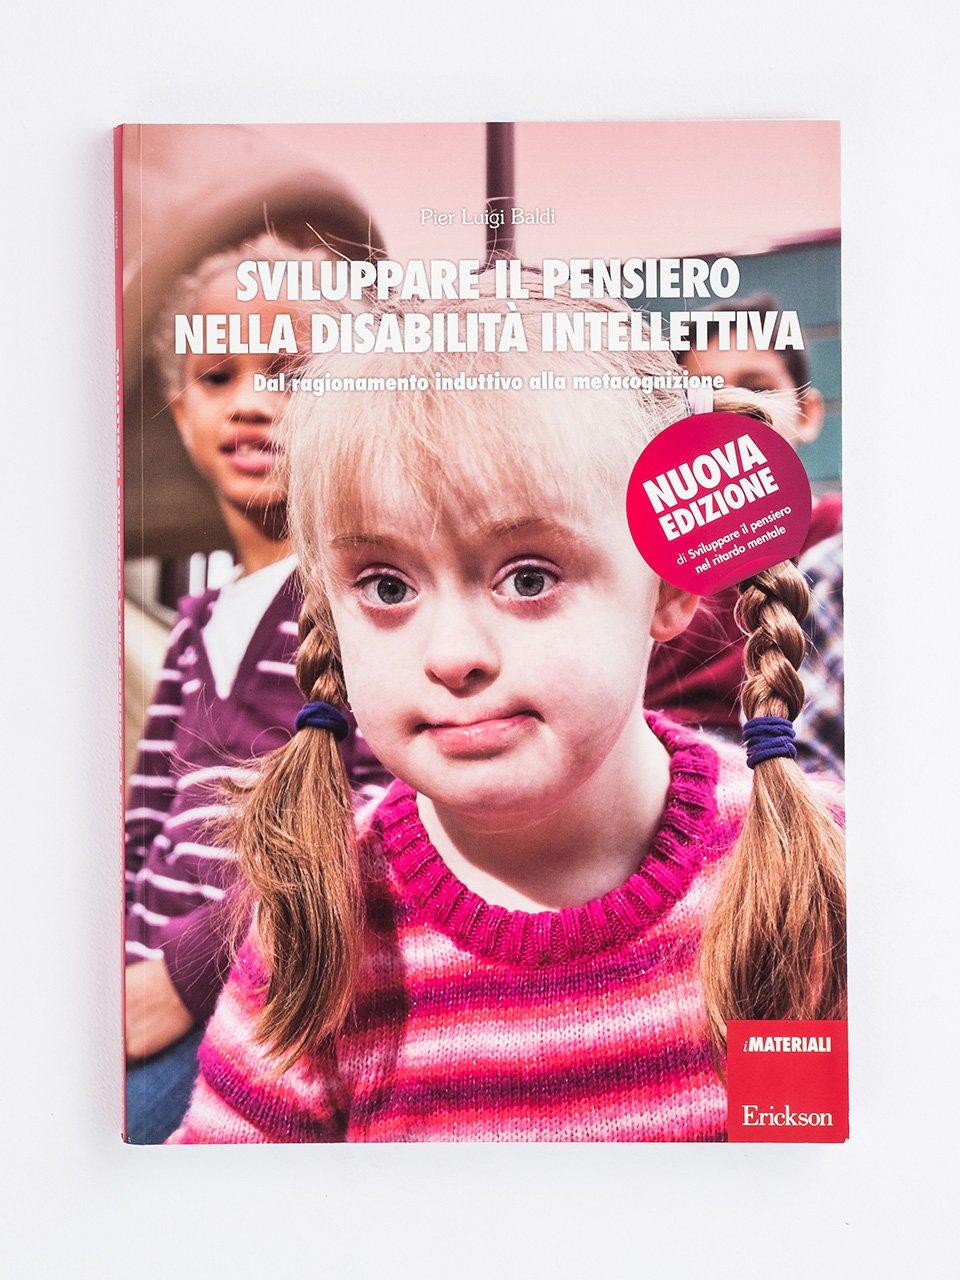 Sviluppare il pensiero nella disabilità intellettiva - Titti fritti - Giochi - Erickson